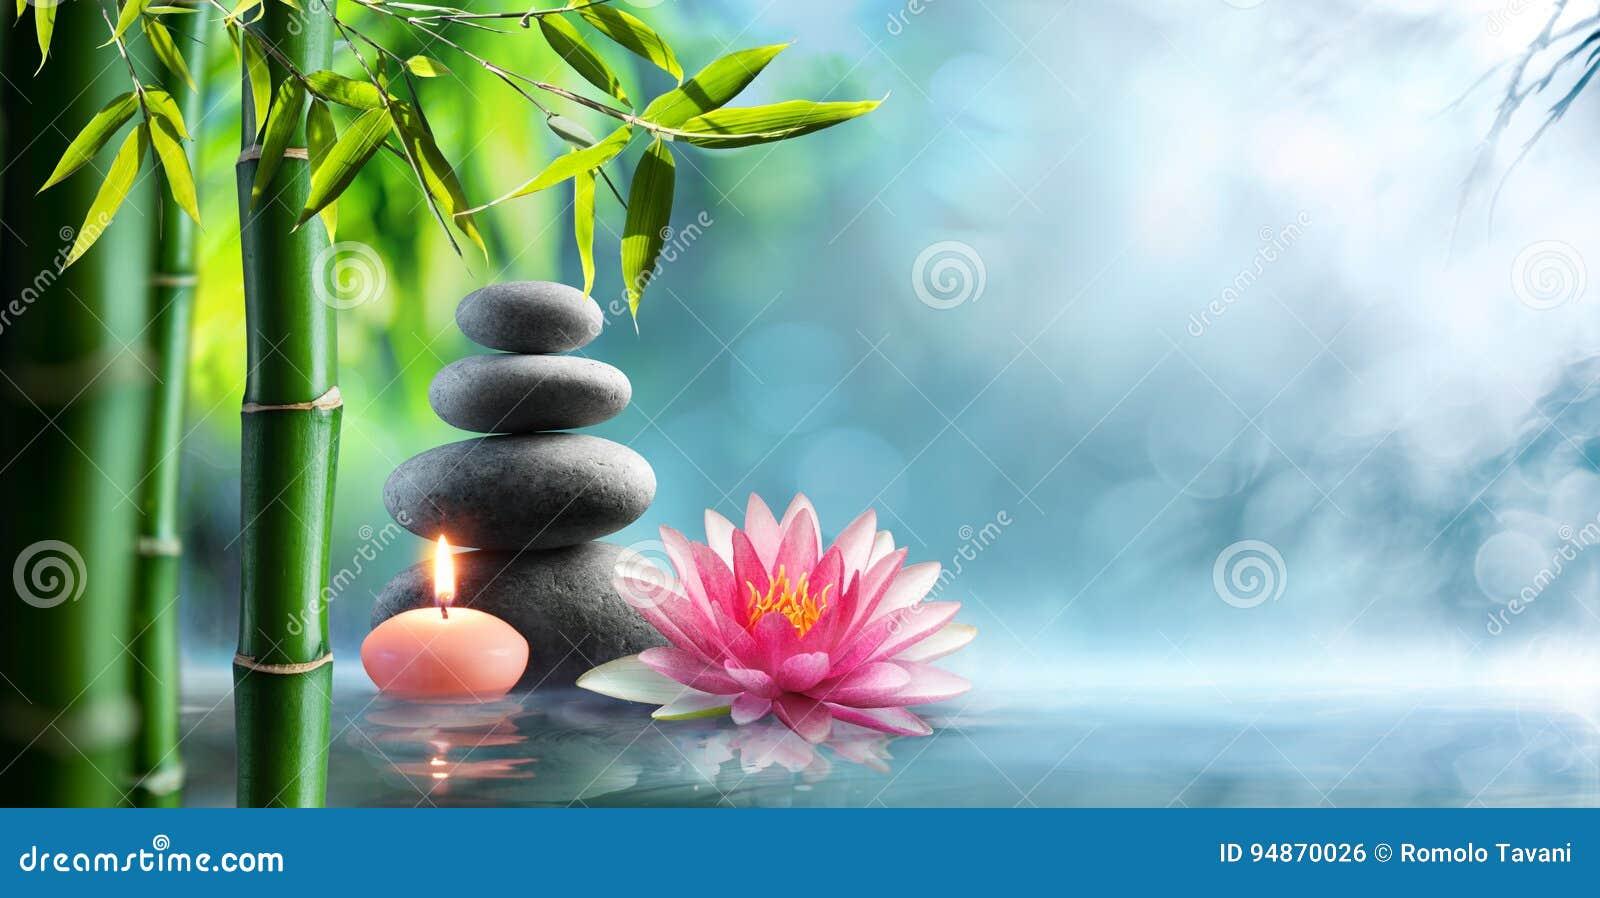 Station thermale - thérapie alternative naturelle avec des pierres et Waterlily de massage